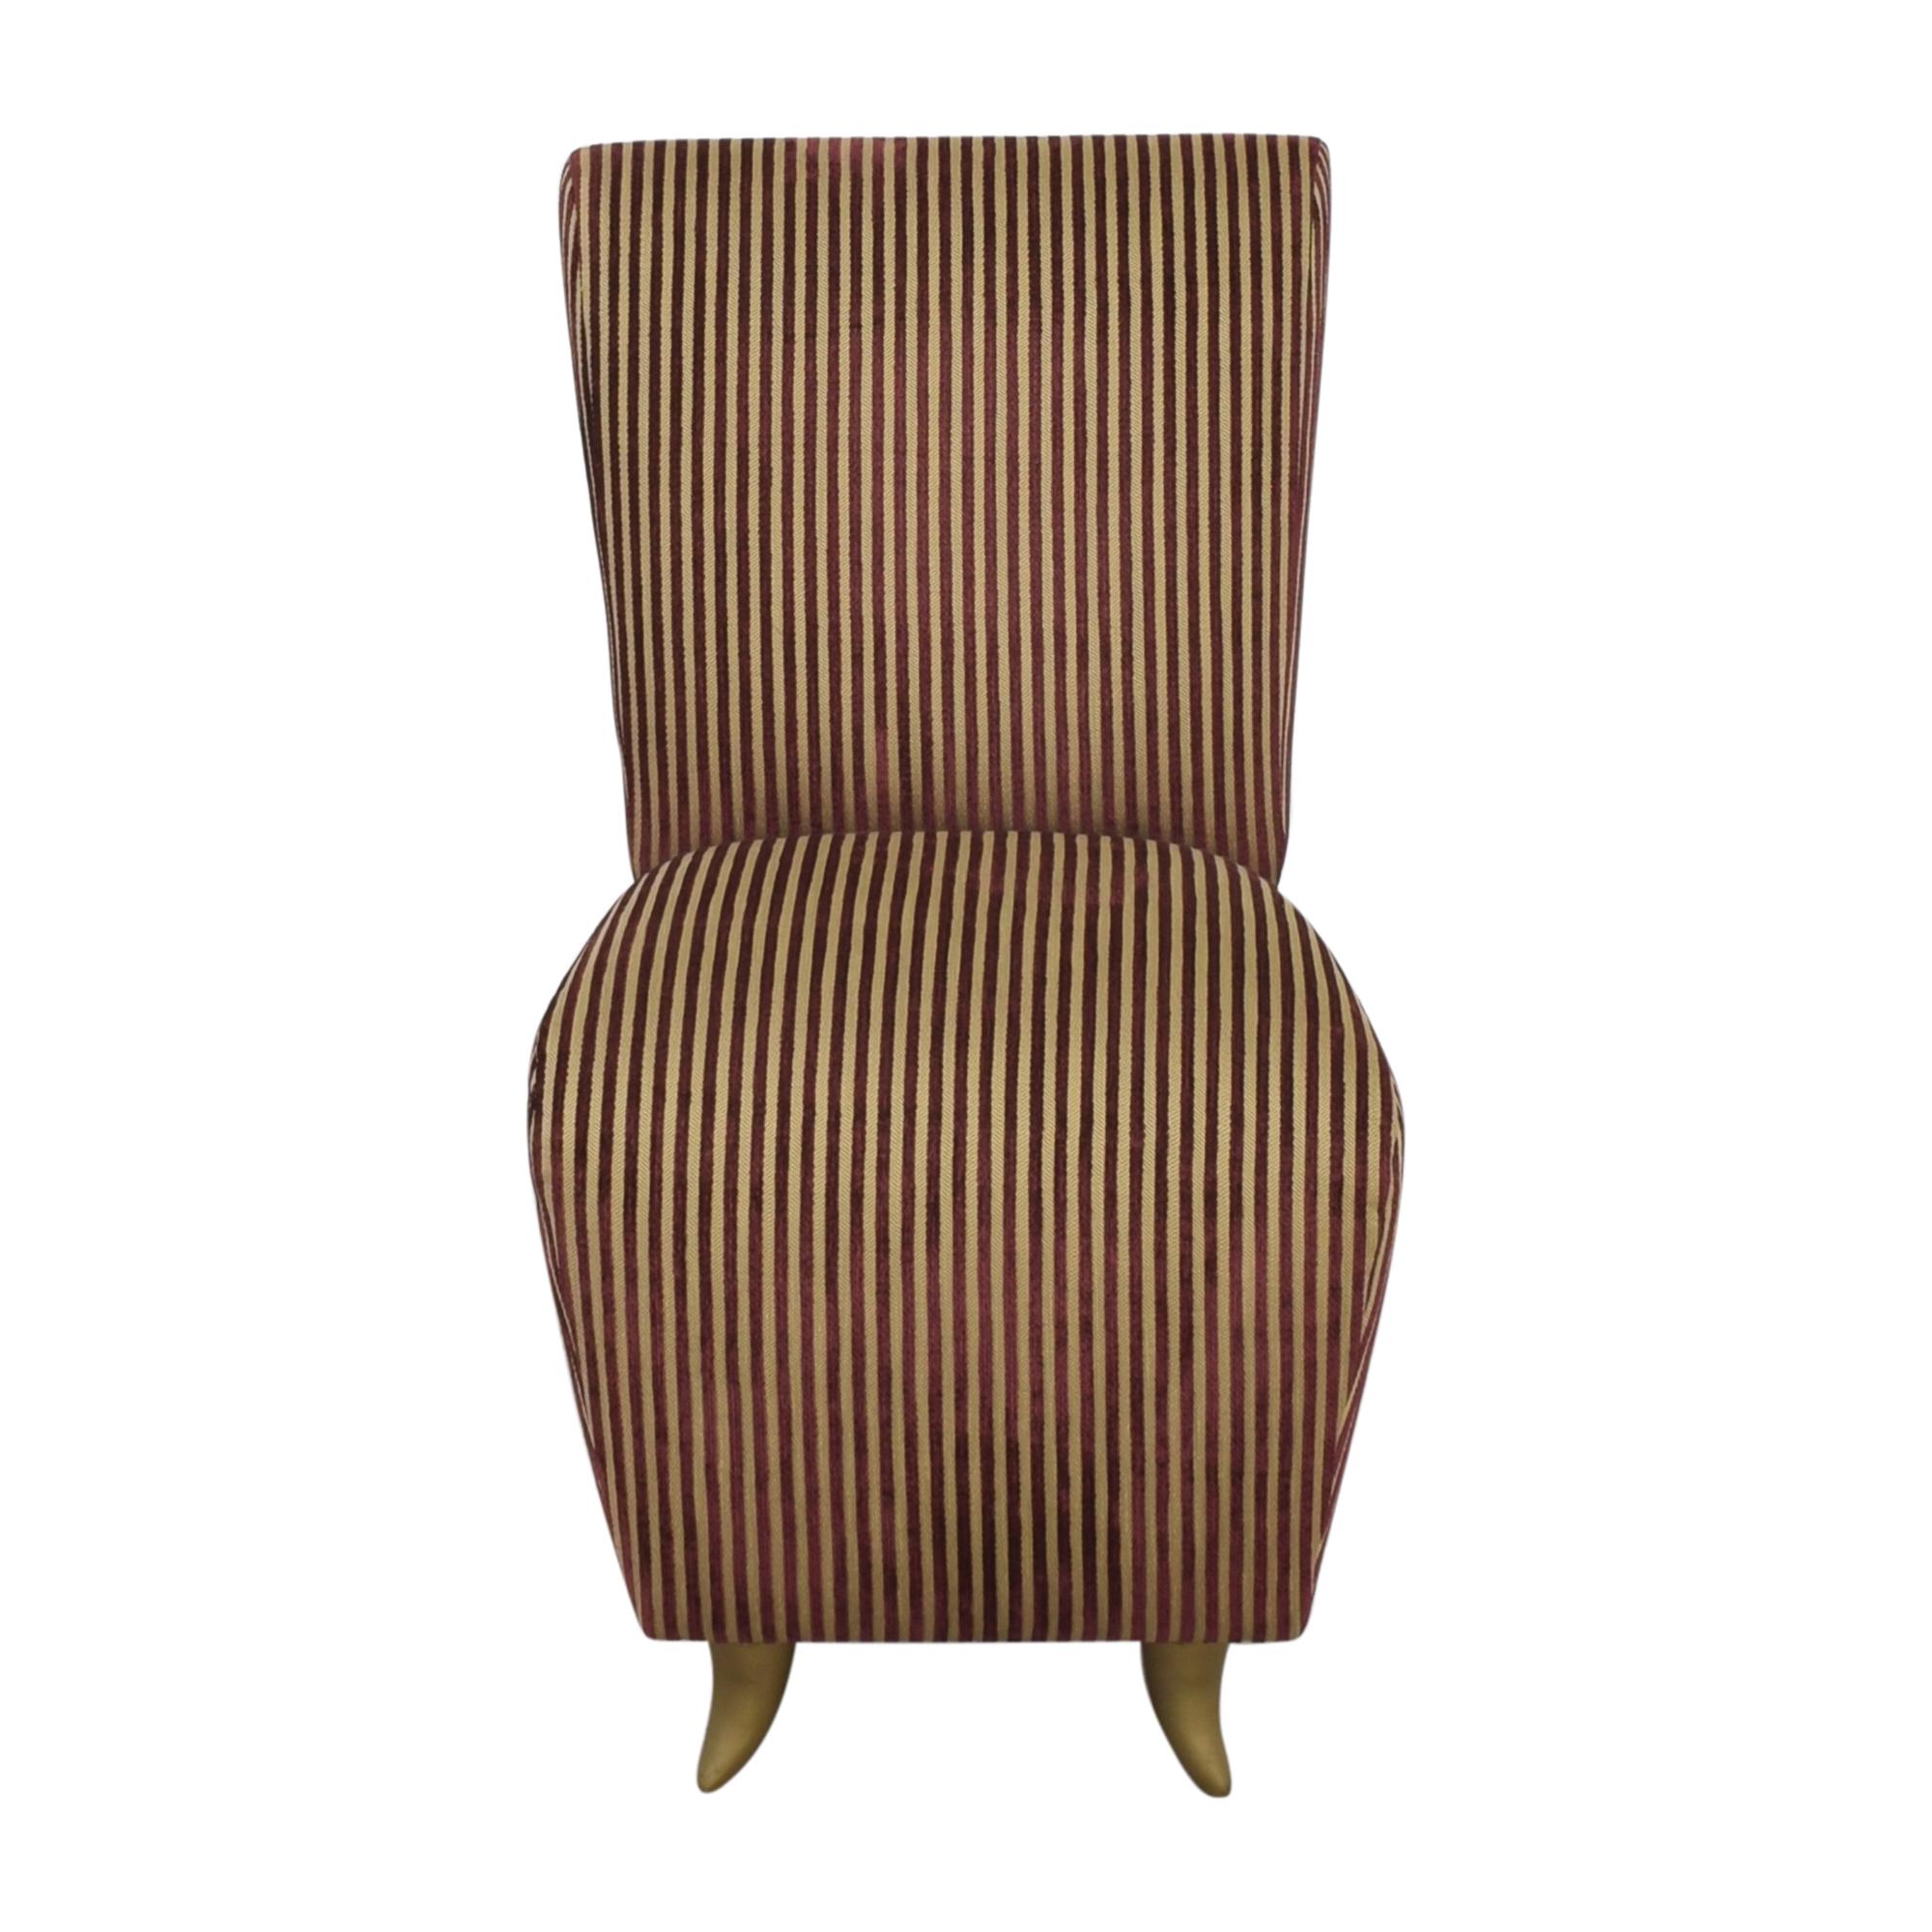 shop Dialogica Striped Slipper Chair Dialogica